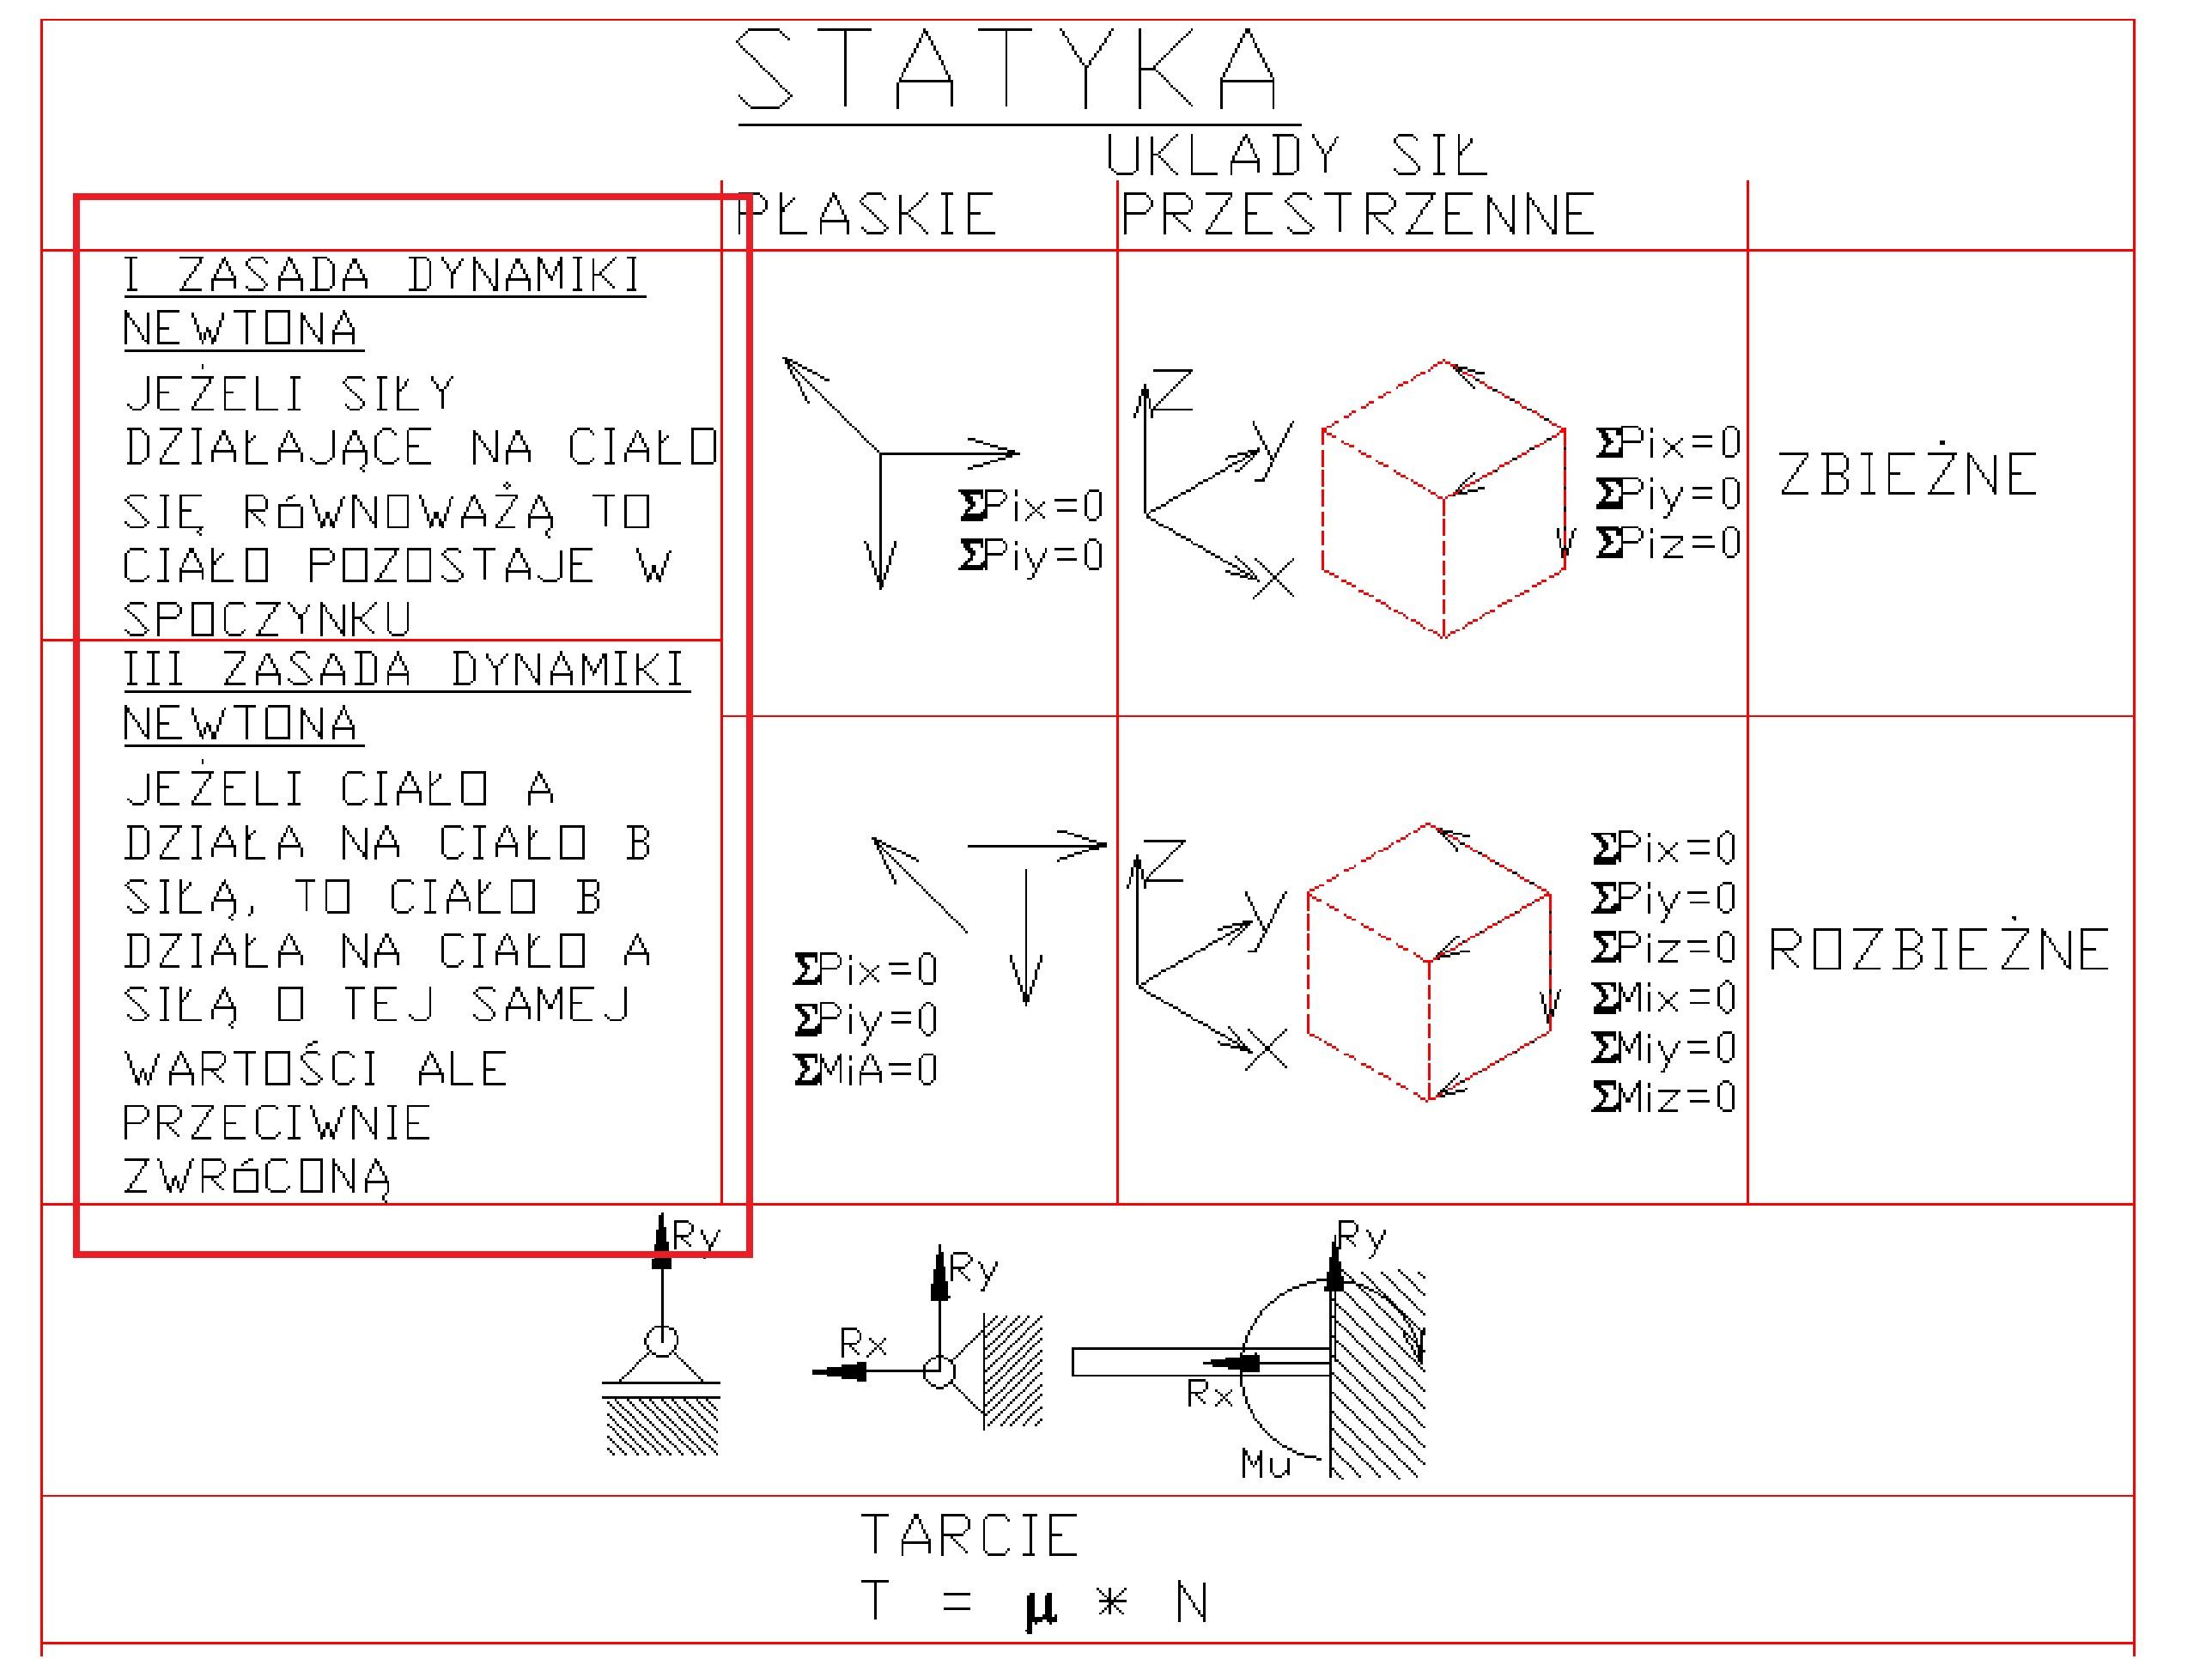 sciaga2 - Statyka - ściąga